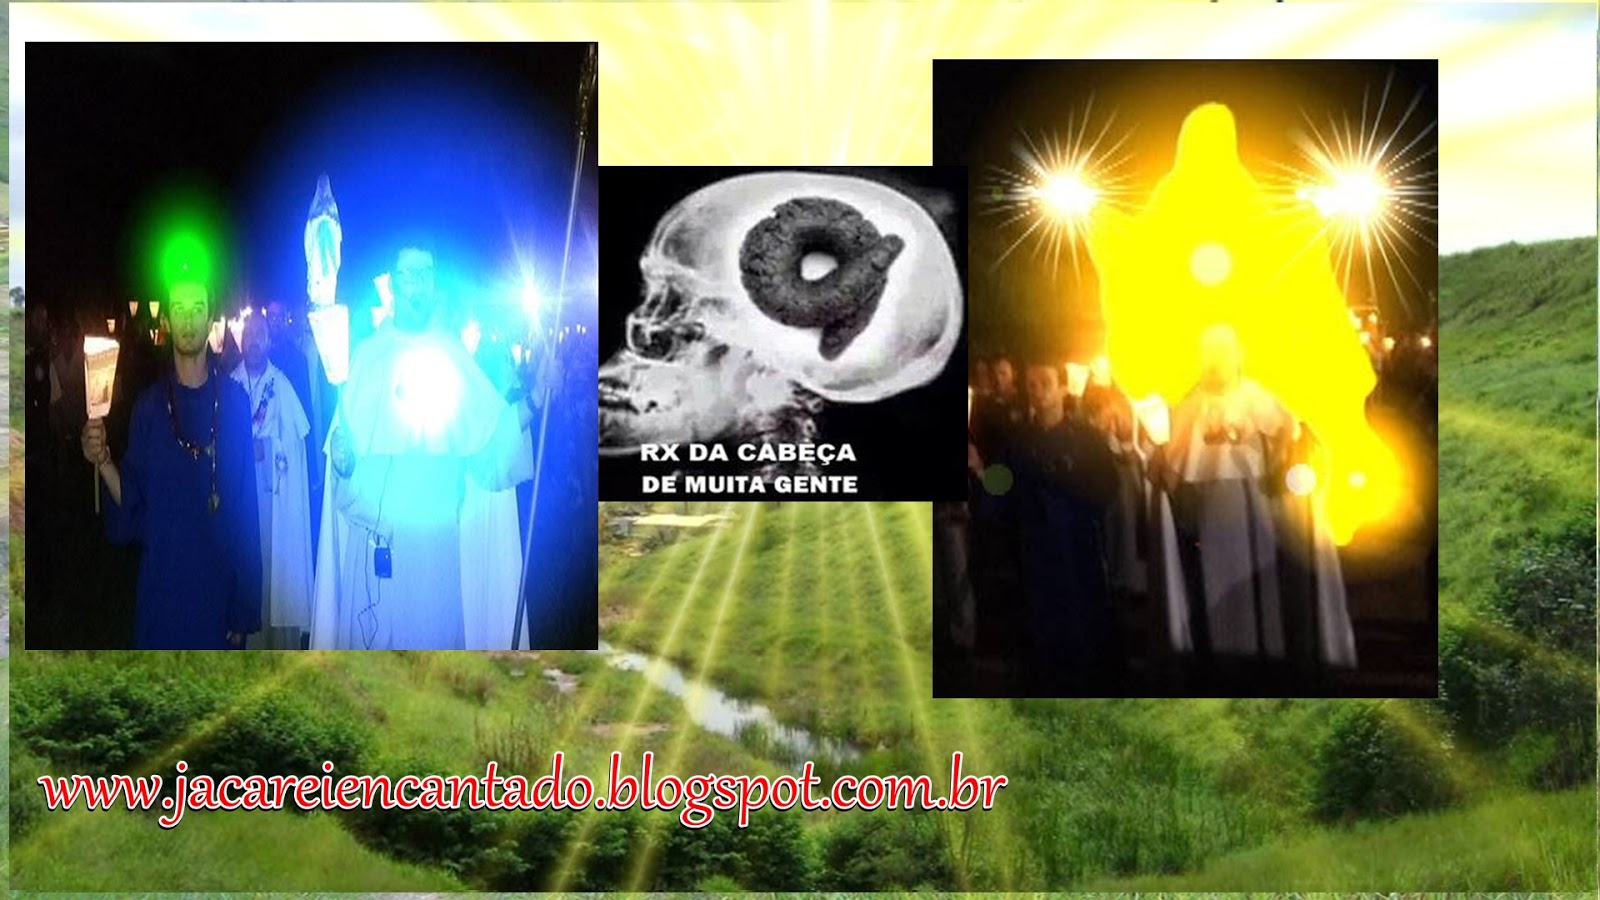 jacareiencantado,peregrinos, andor,sinas,vidente marquinho, mensagens, sinais,  rainha, falsas, verdadeira, Nelson Westrupp,procissão, vulto, peregrinos, velas, paz,